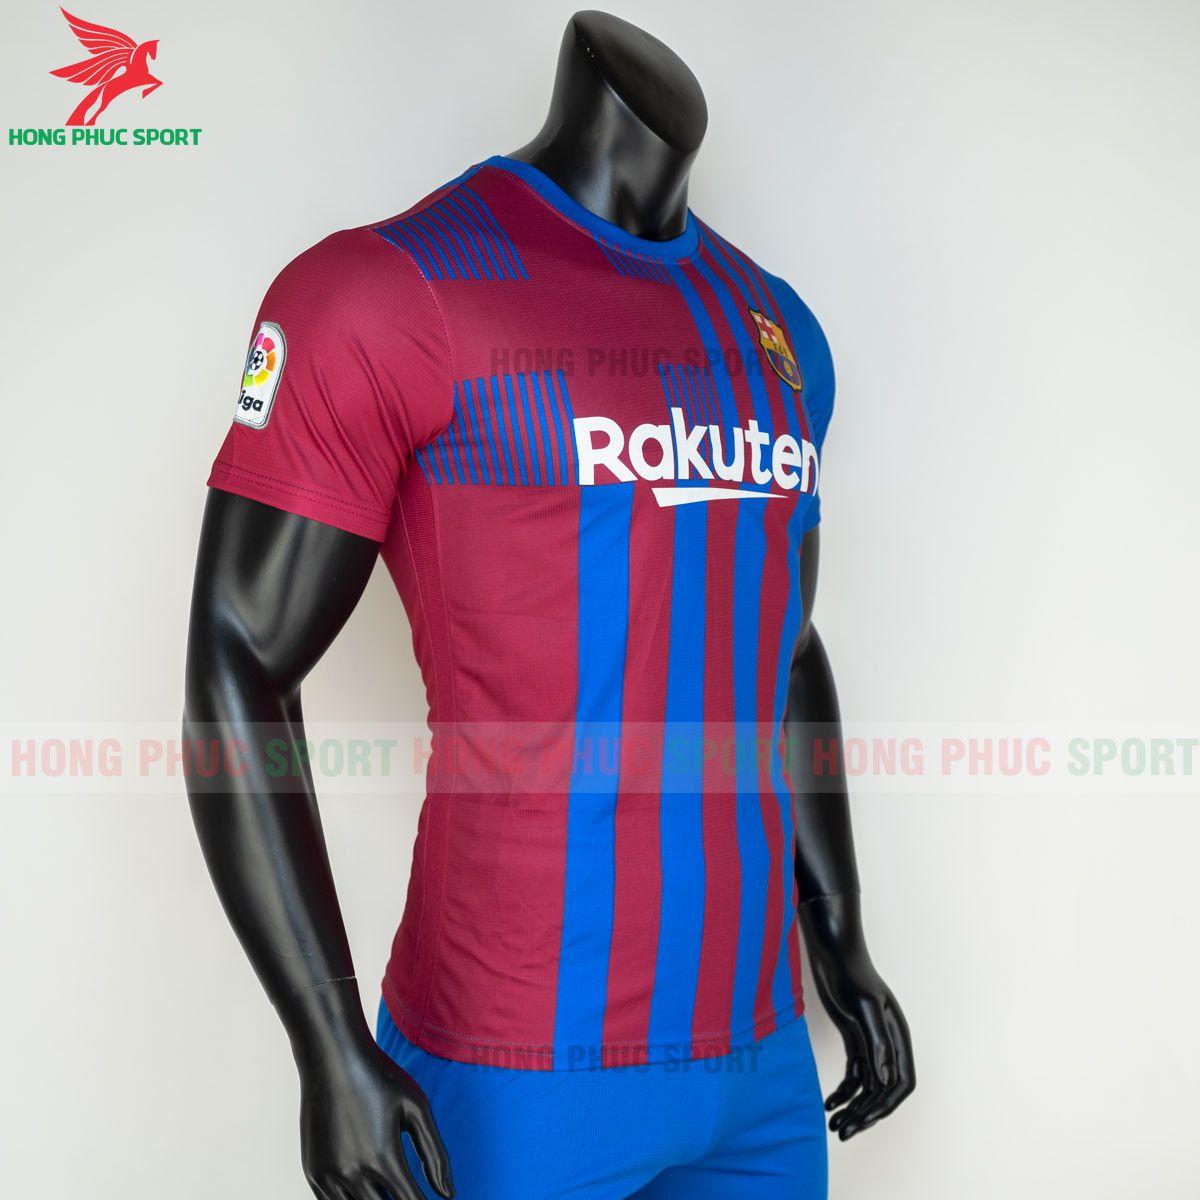 https://cdn.hongphucsport.com/unsafe/s4.shopbay.vn/files/285/ao-bong-da-barcelona-2021-2022-san-nha-hang-thai-5-60d2fceea833a.jpg